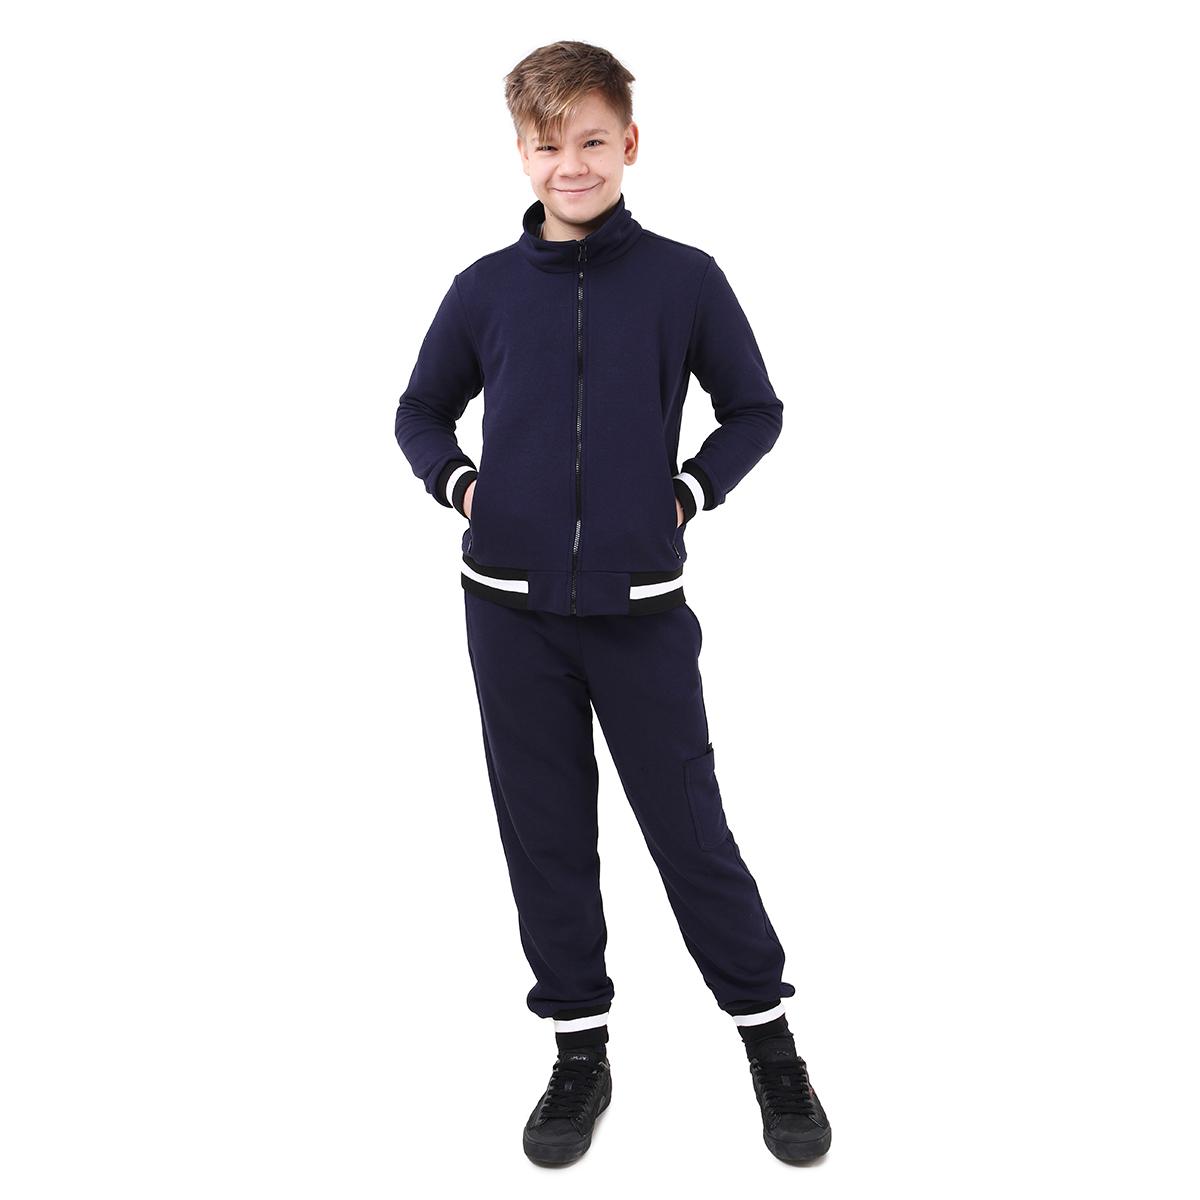 Спортивный костюм для мальчика Timbo Alan K045207 темно-синий